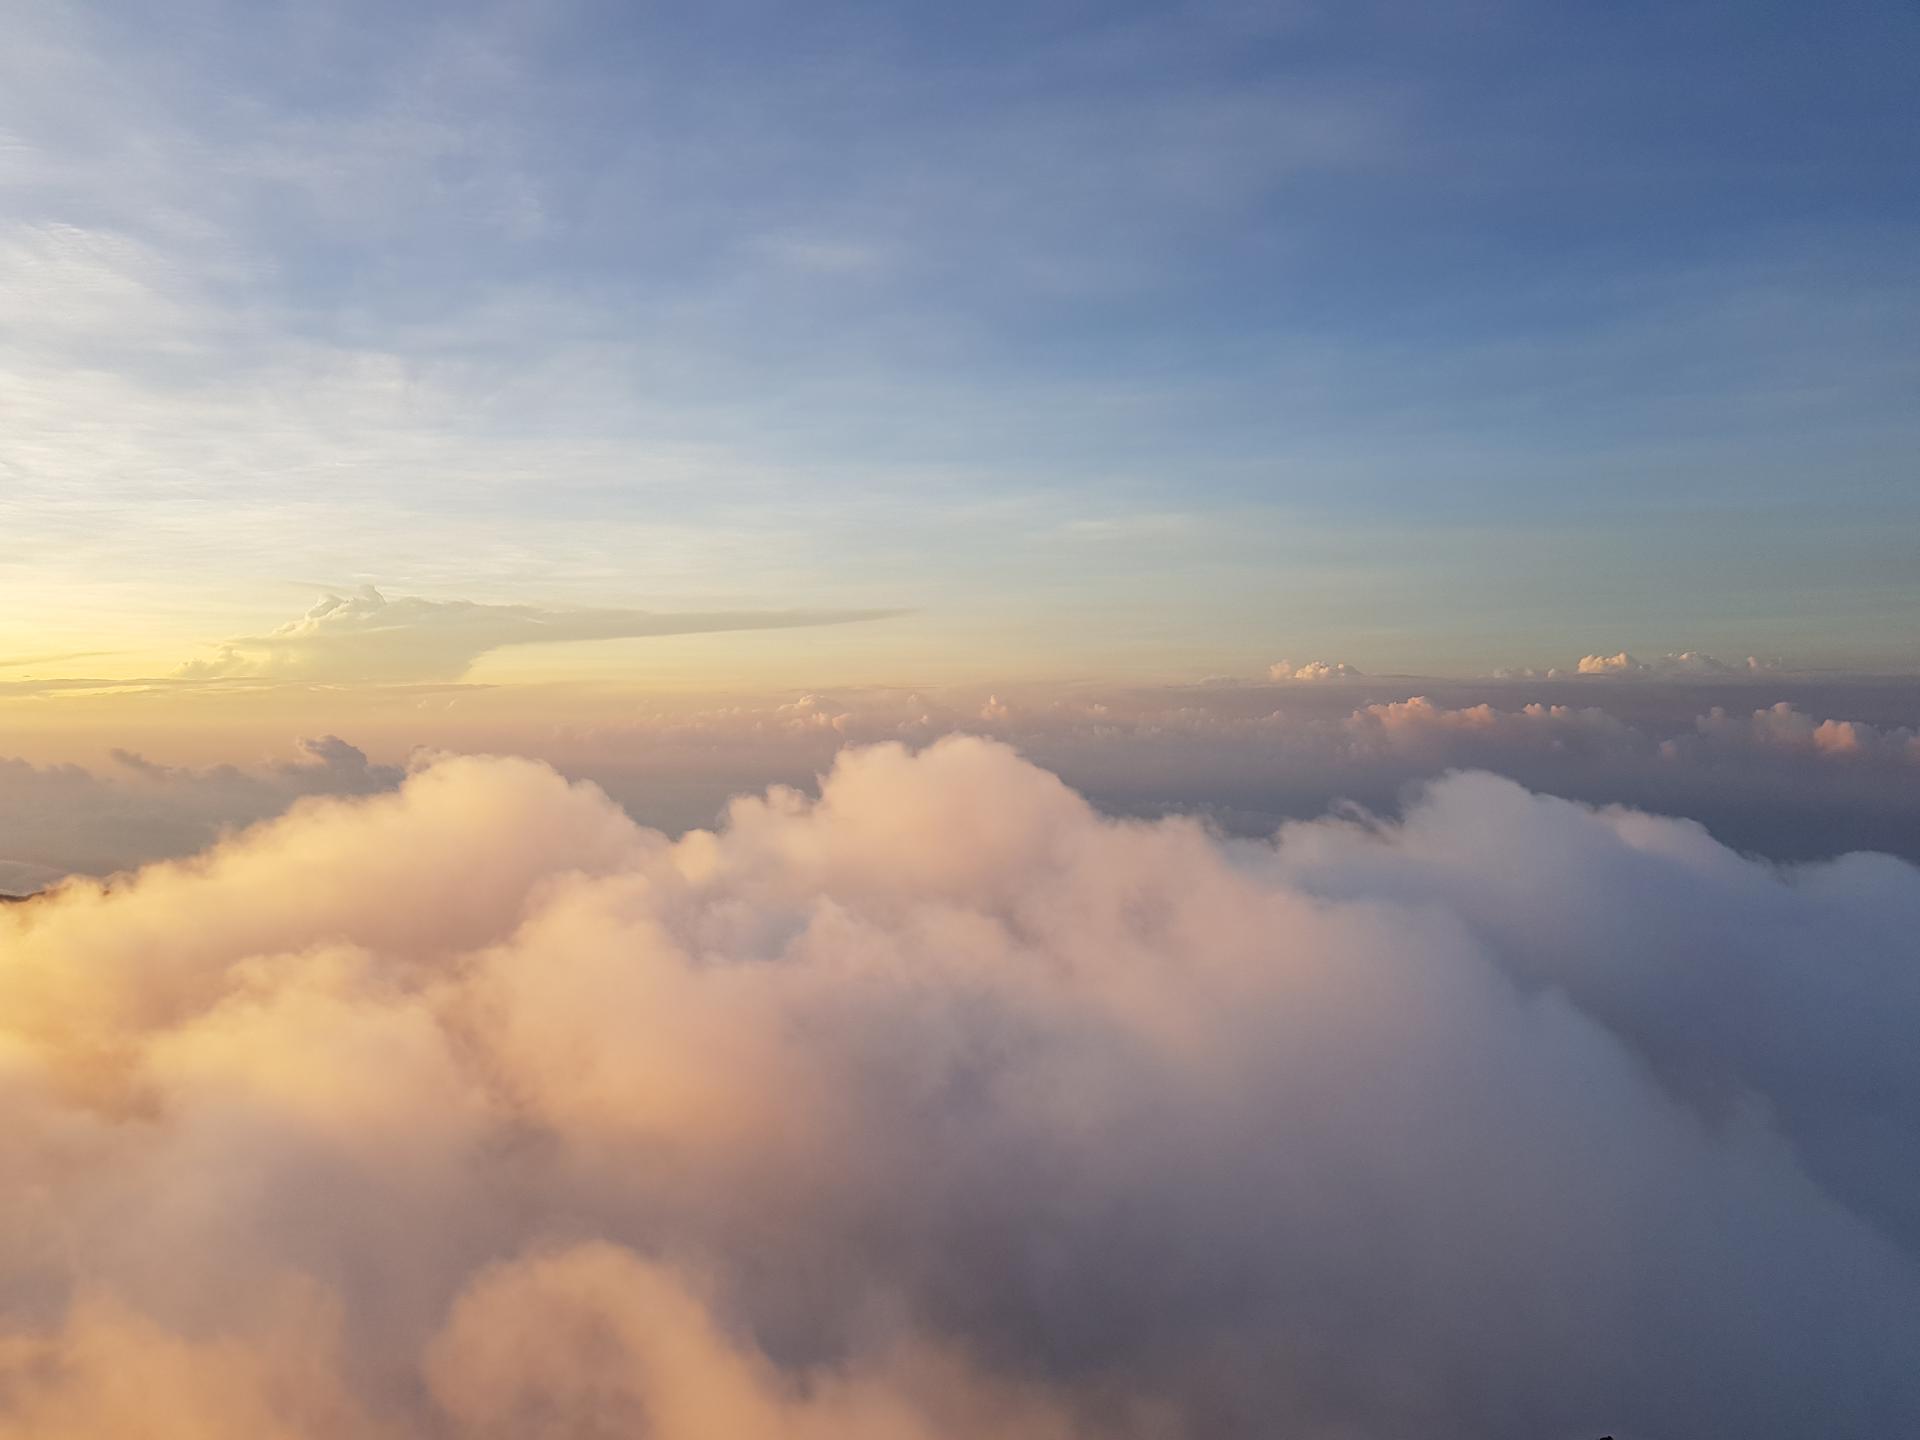 освещенные солнцем облака с пика Адама, Шри-Ланка